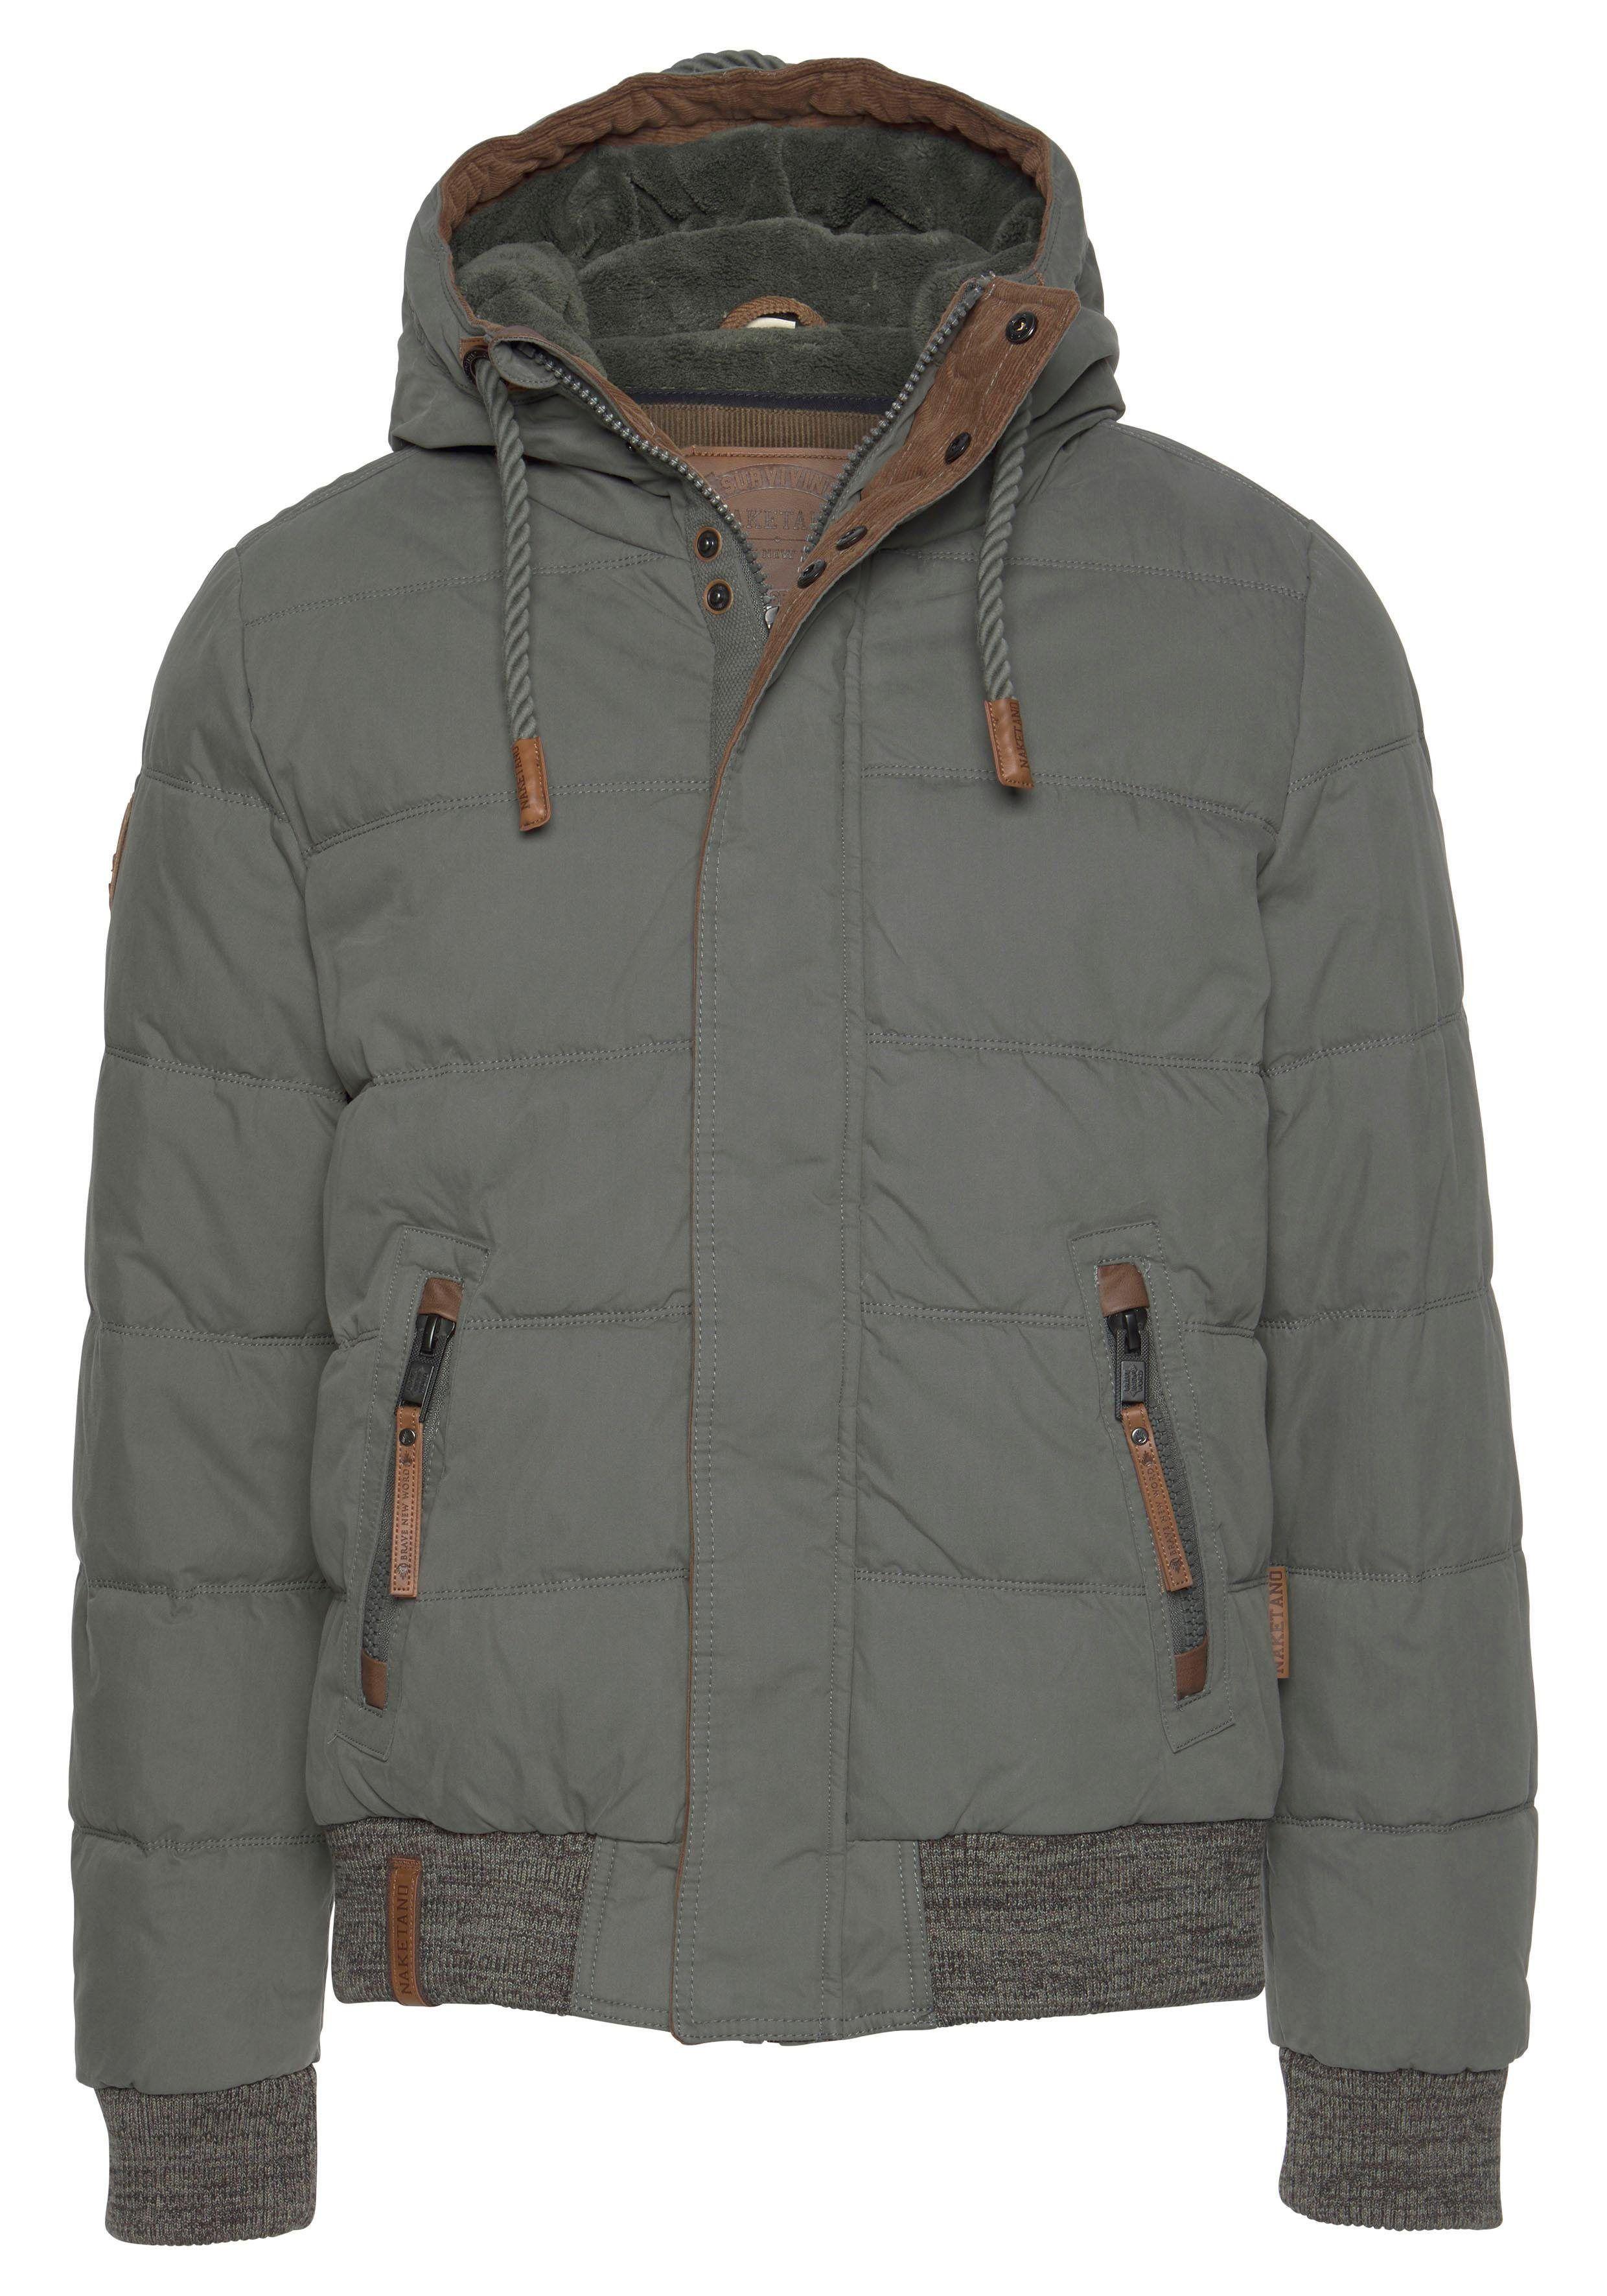 Pin by Herrenmode@Ladendirekt on Jacken   Jackets, Winter